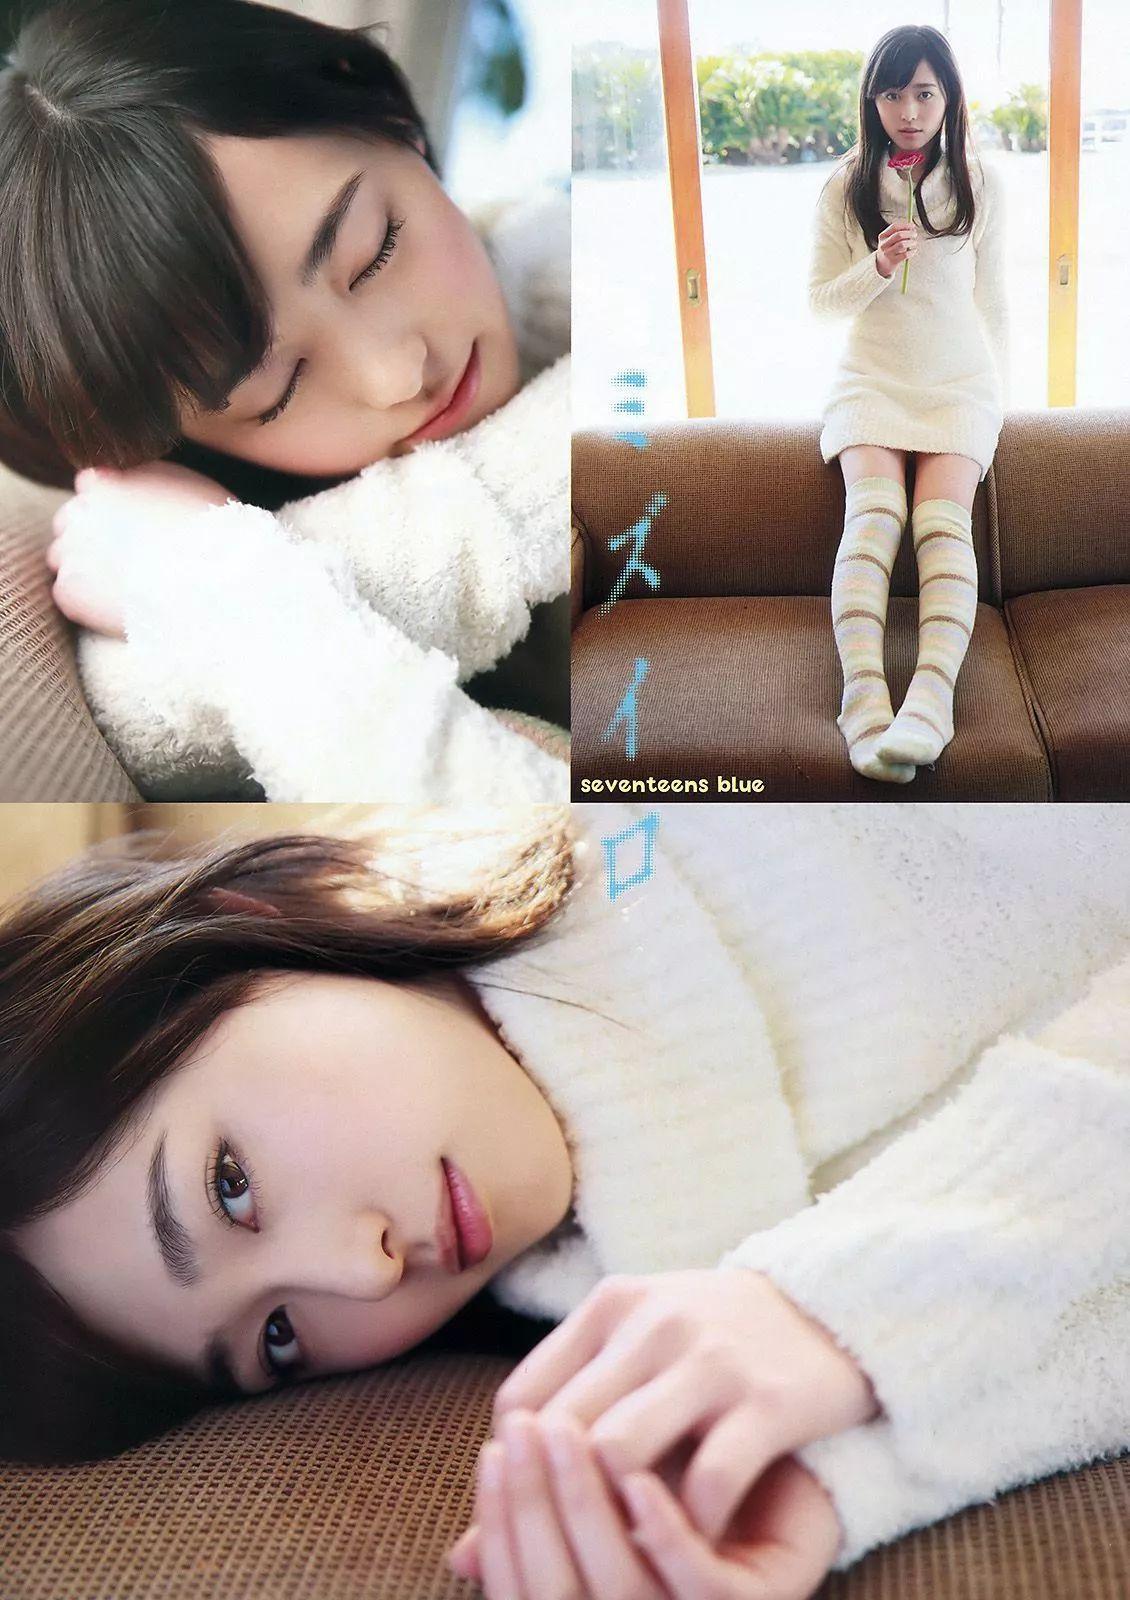 真的是甜到冒泡的美少女福原遥写真作品 (15)